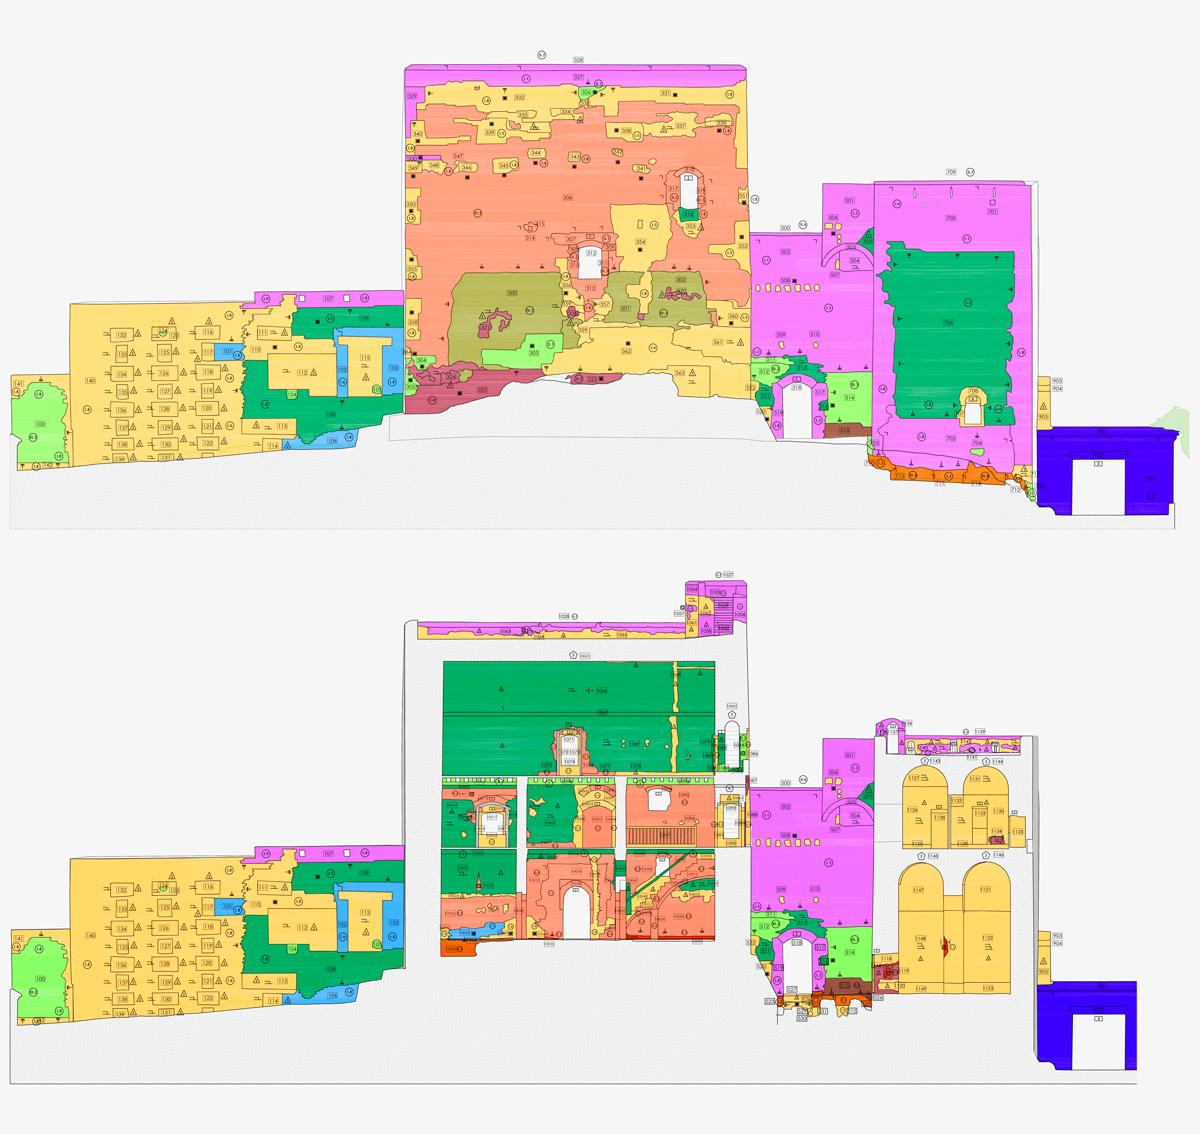 estudios-obras-documentaciones-tecnicas-Torres-Bermejas-Granada-Alhambra-analisis-parietal-estratigrafico-1-licitacion-memorias